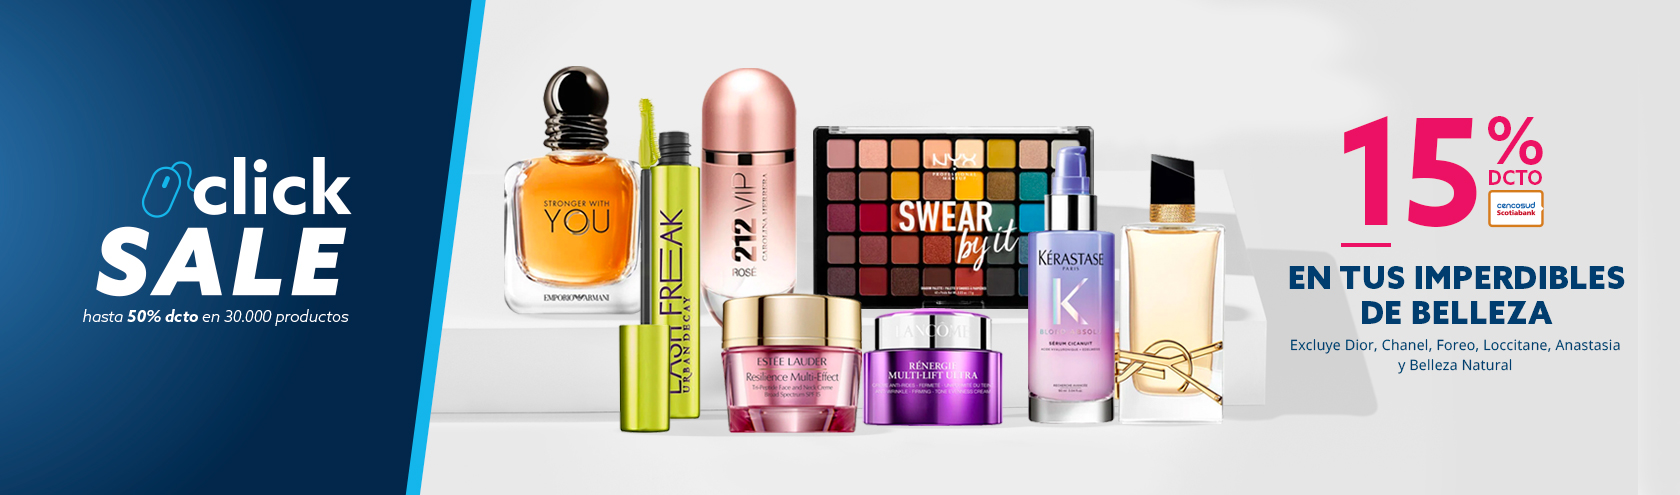 15% de descuento con Tarjeta Cencosud en tus Imperdibles de Belleza. Excluye Dior, Chanel, Foreo, Loccitane, Anastasia y Belleza Natural